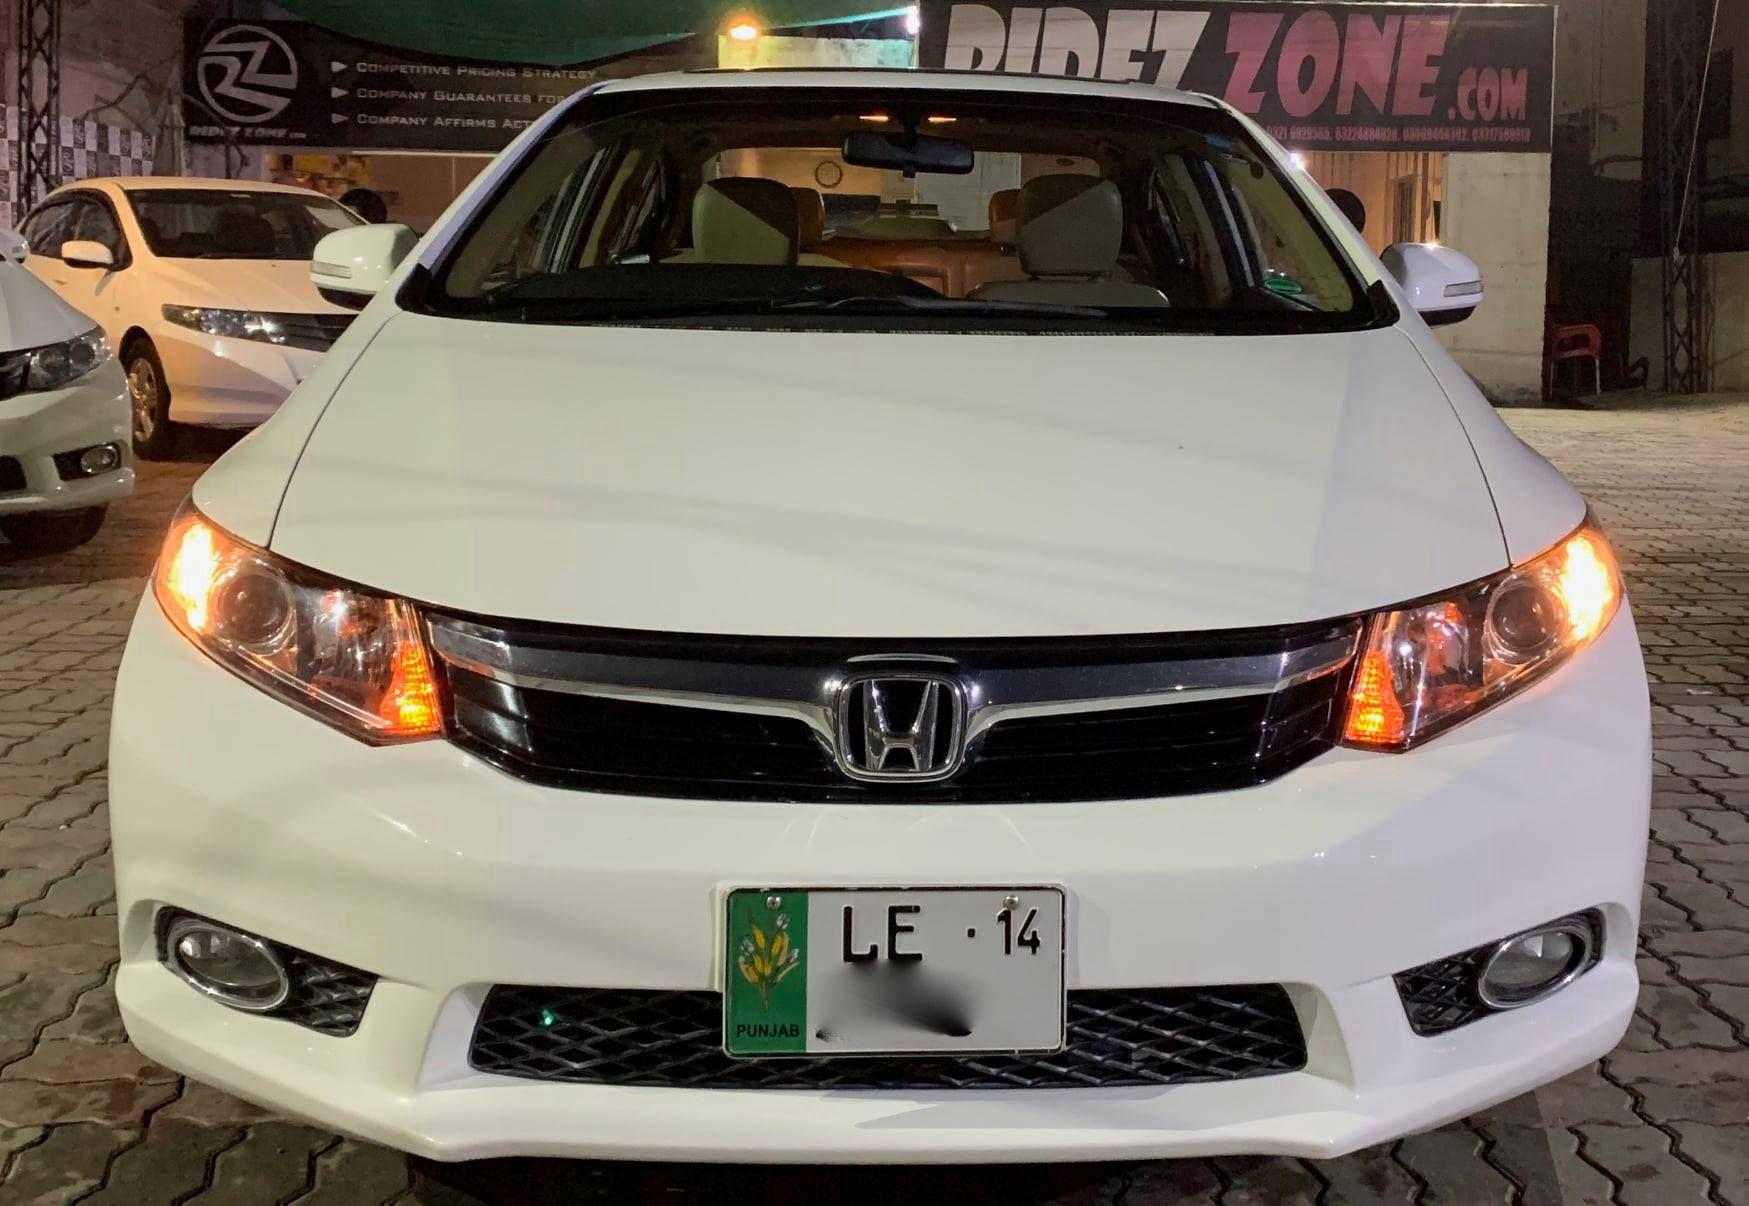 Honda Civic VTi Oriel Prosmatec 1.8 2013